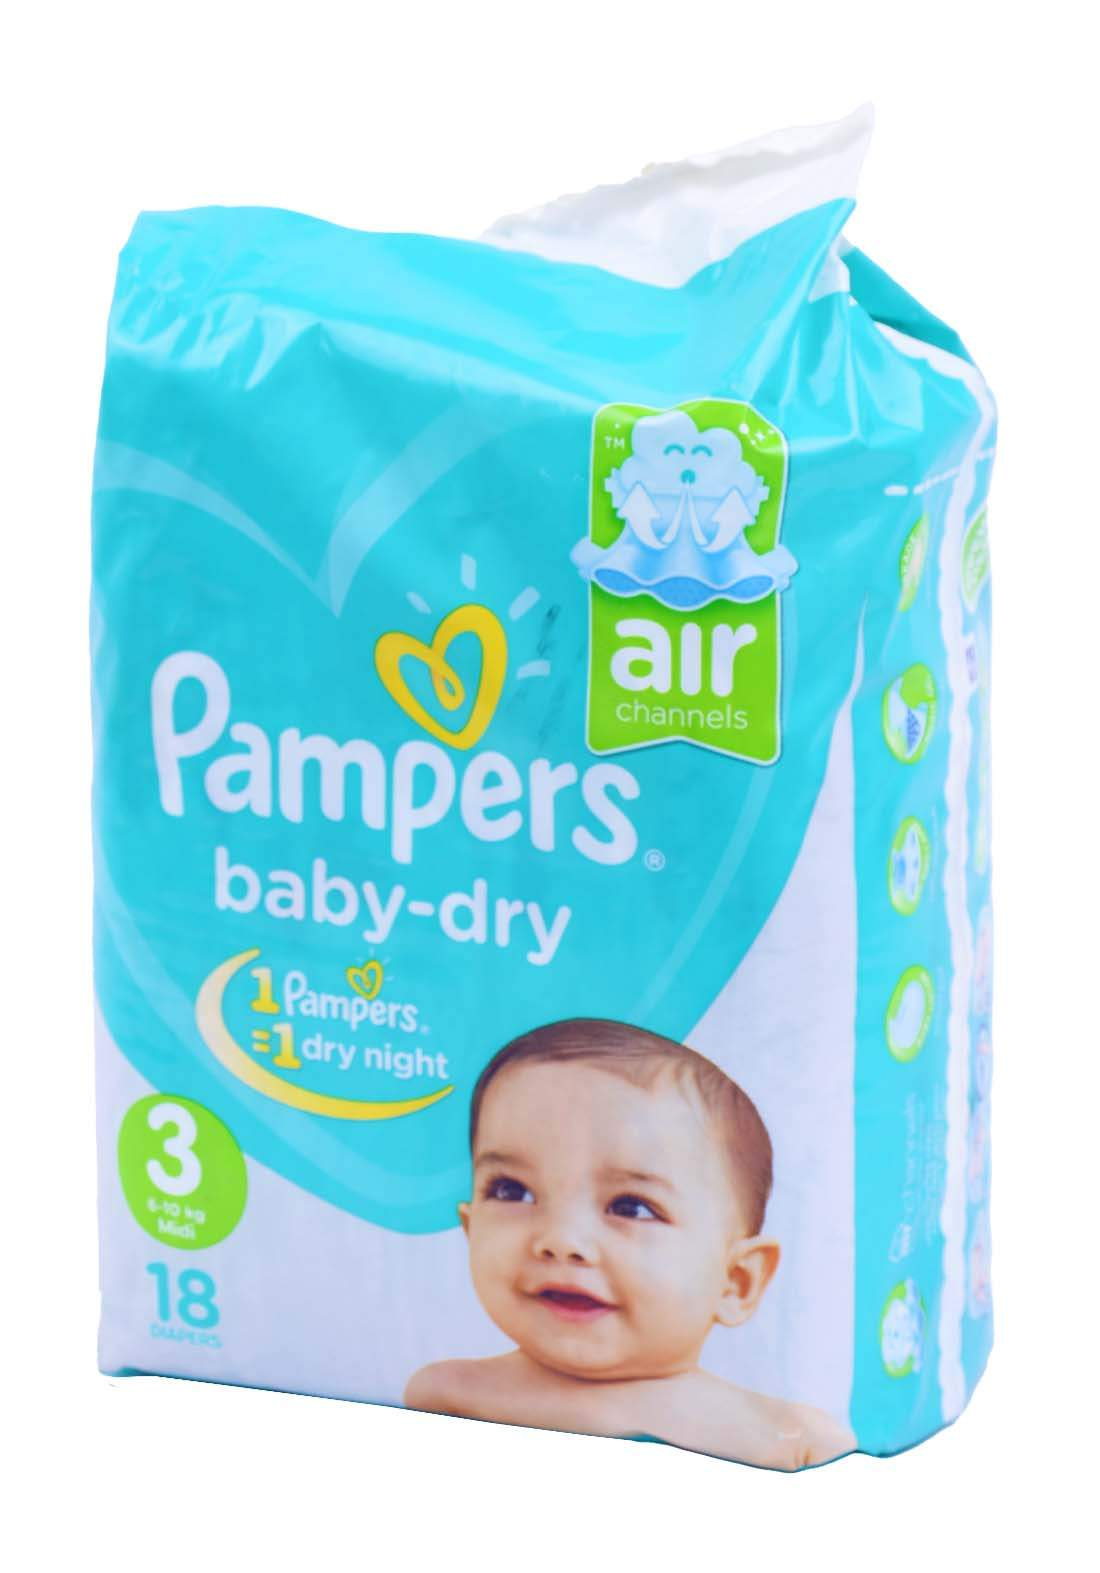 Pampers 6-10 Kg 18 Pcs حفاضات  بامبرز للاطفال عادي رقم 3